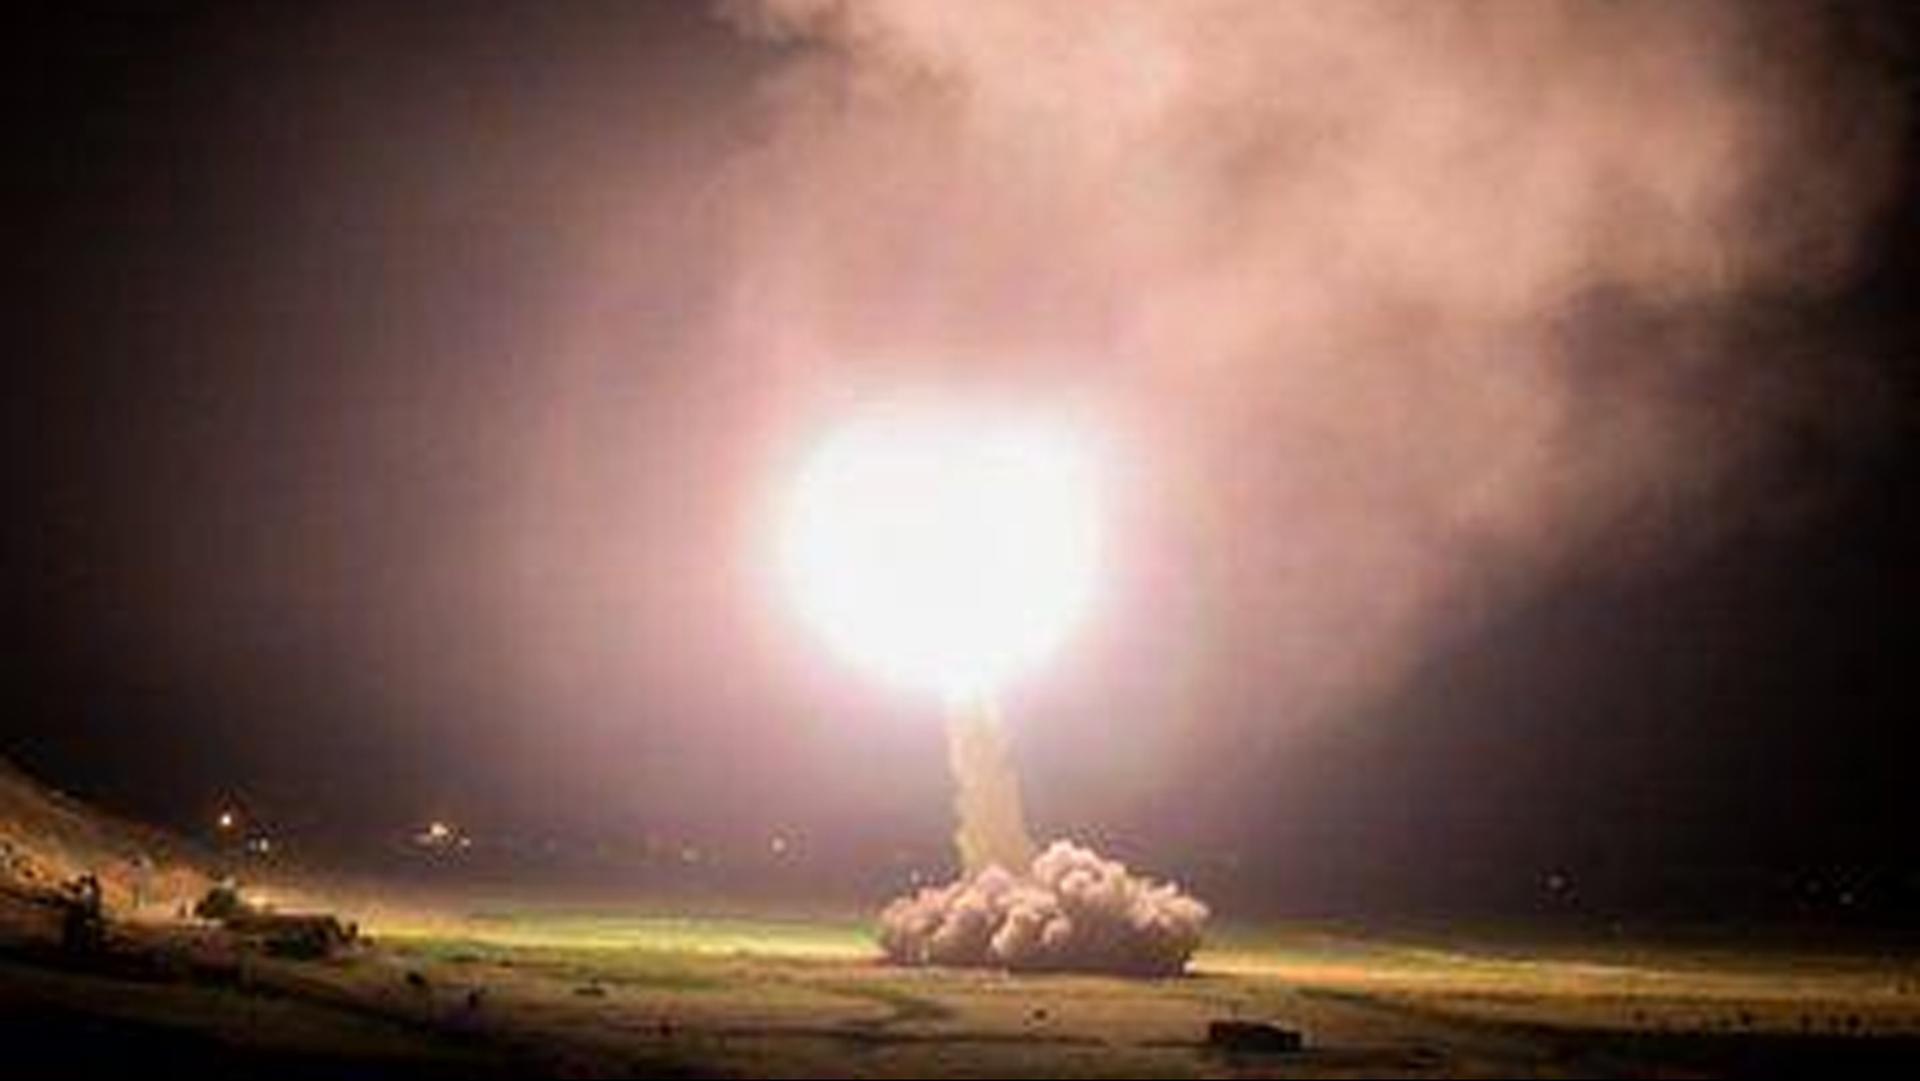 Lanzamiento de un misil iraní contra una posición estadounidense en Irak